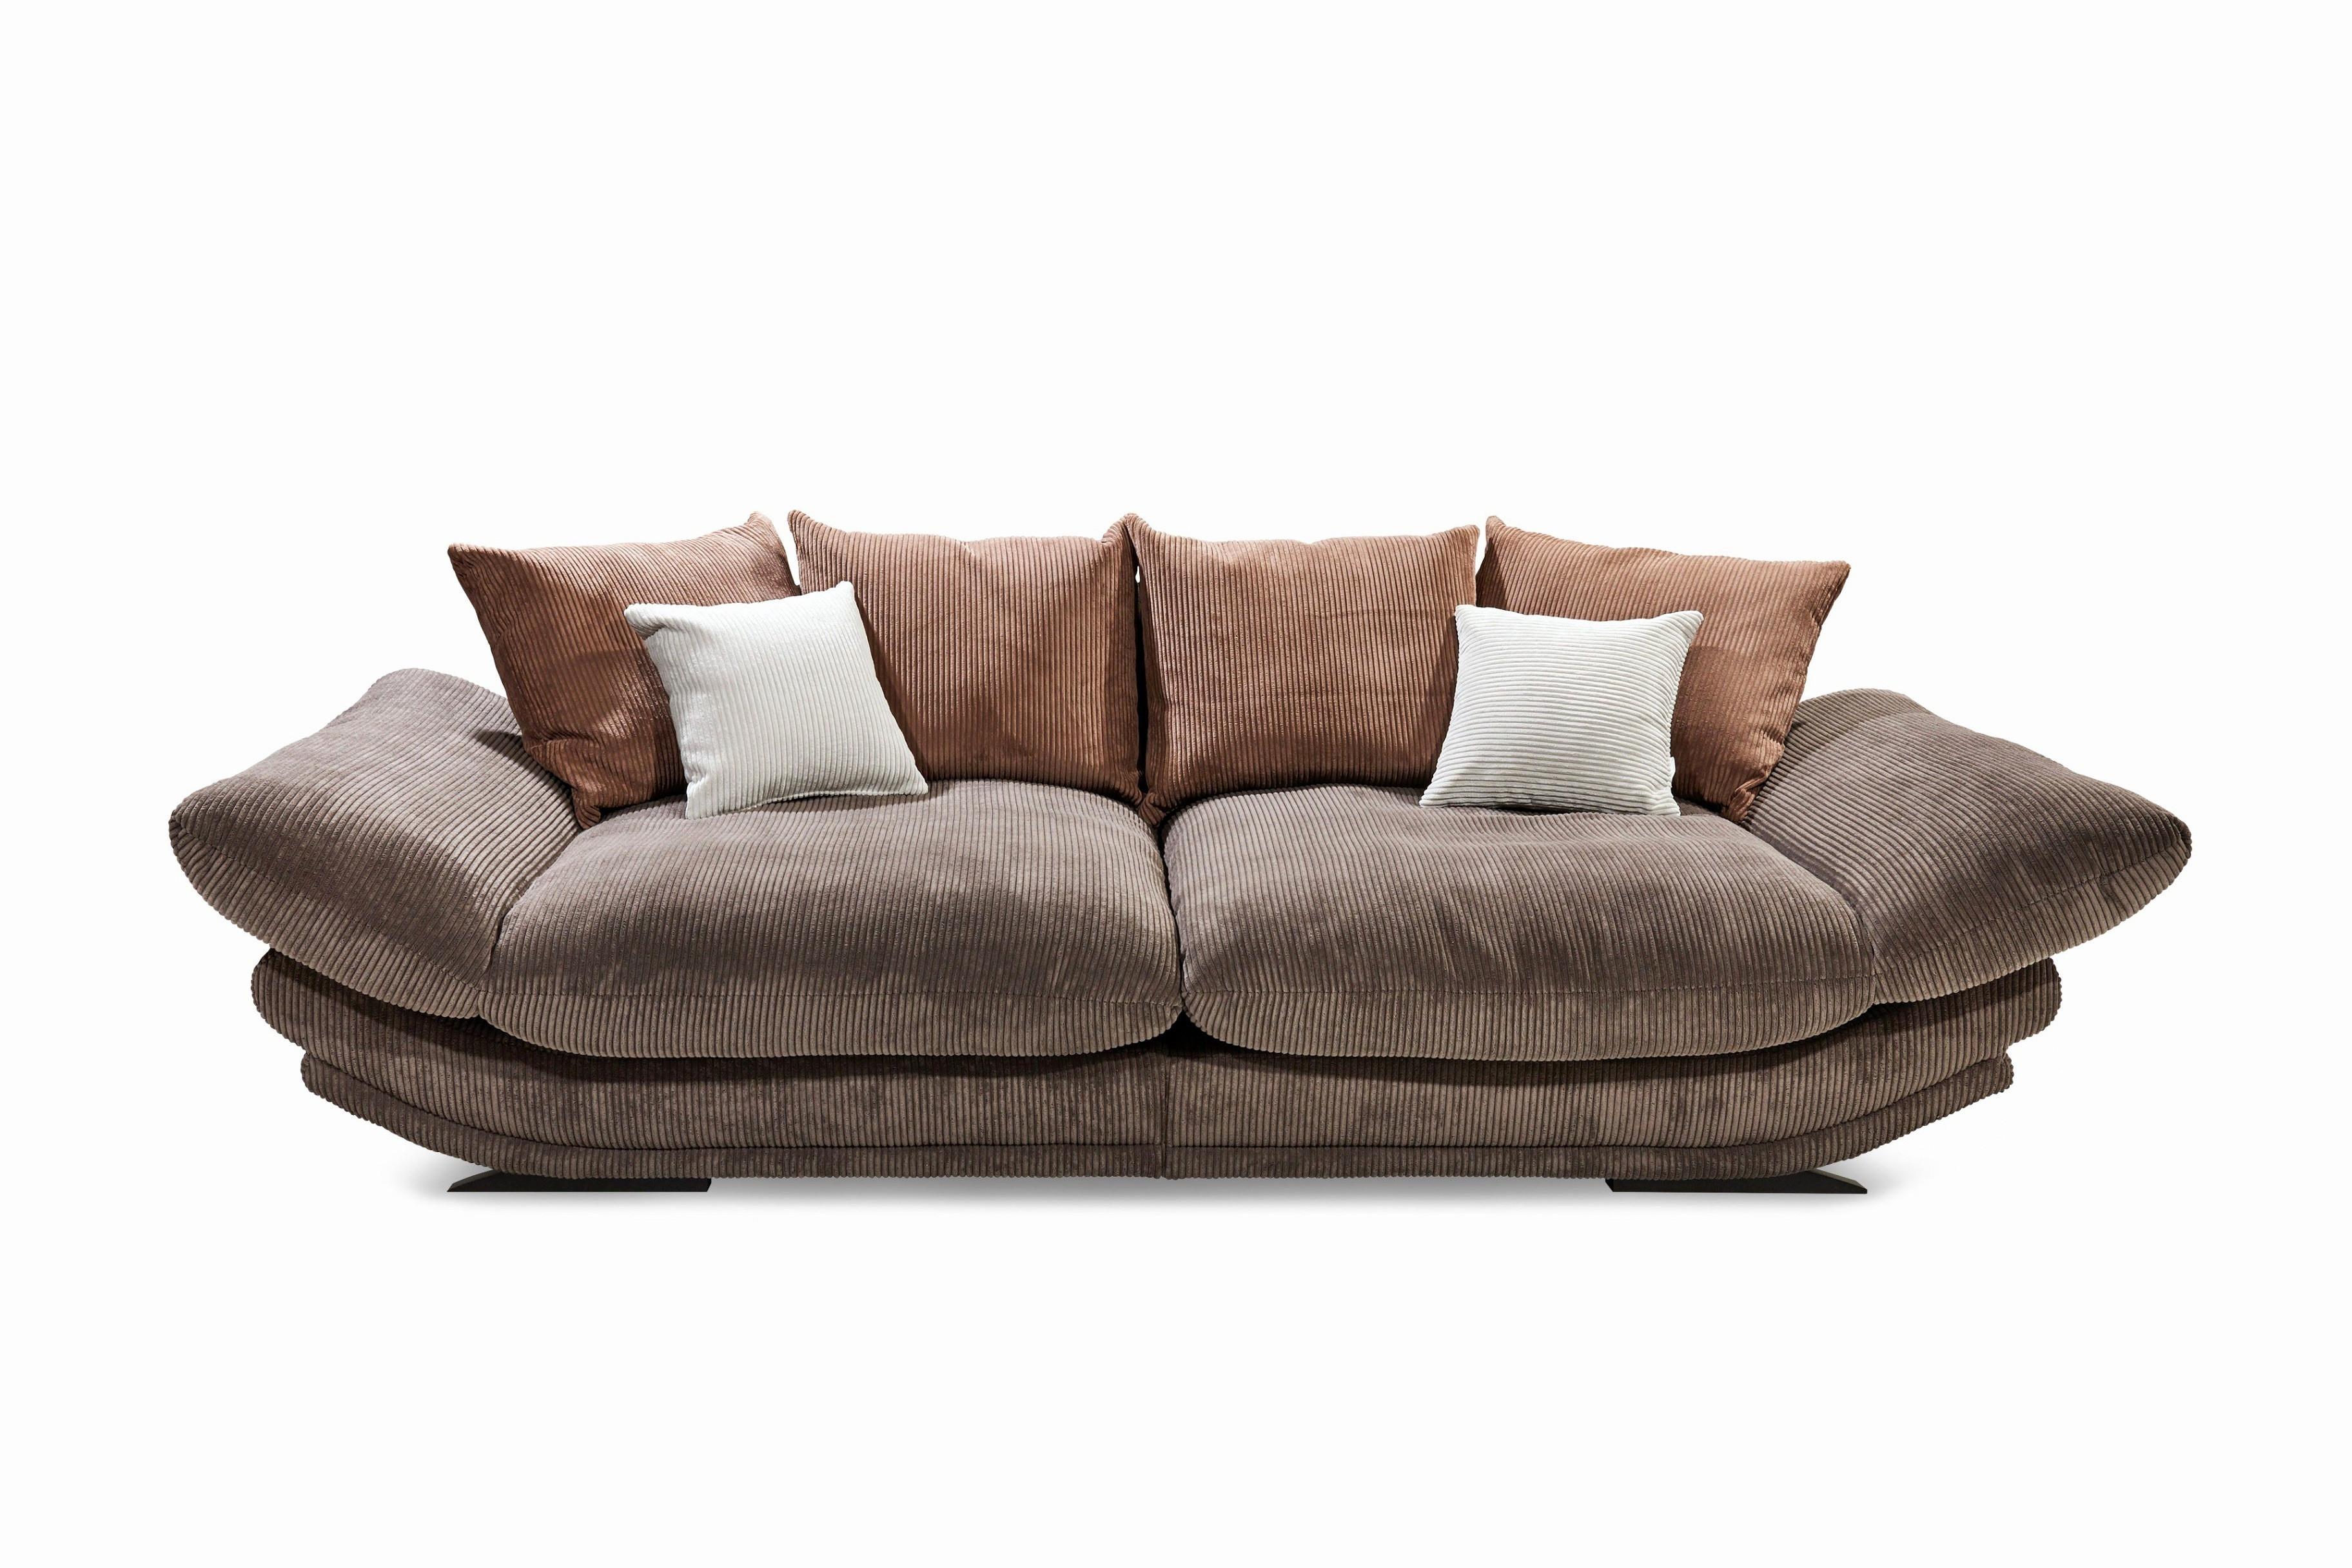 Zweisitzer Sofa Ikea  Zweisitzer Sofa Mit Schlaffunktion Ikea